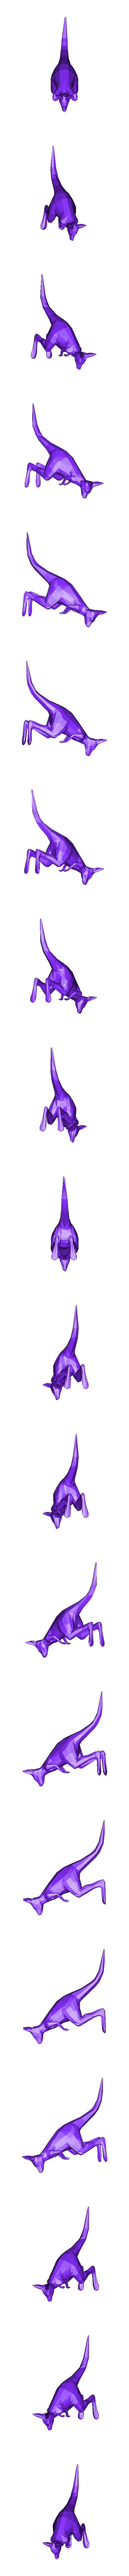 Kangaroo Low Poly by yiixpe.stl Download STL file Kangaroo Kangaroo Low Poly • 3D printable object, yiixpe